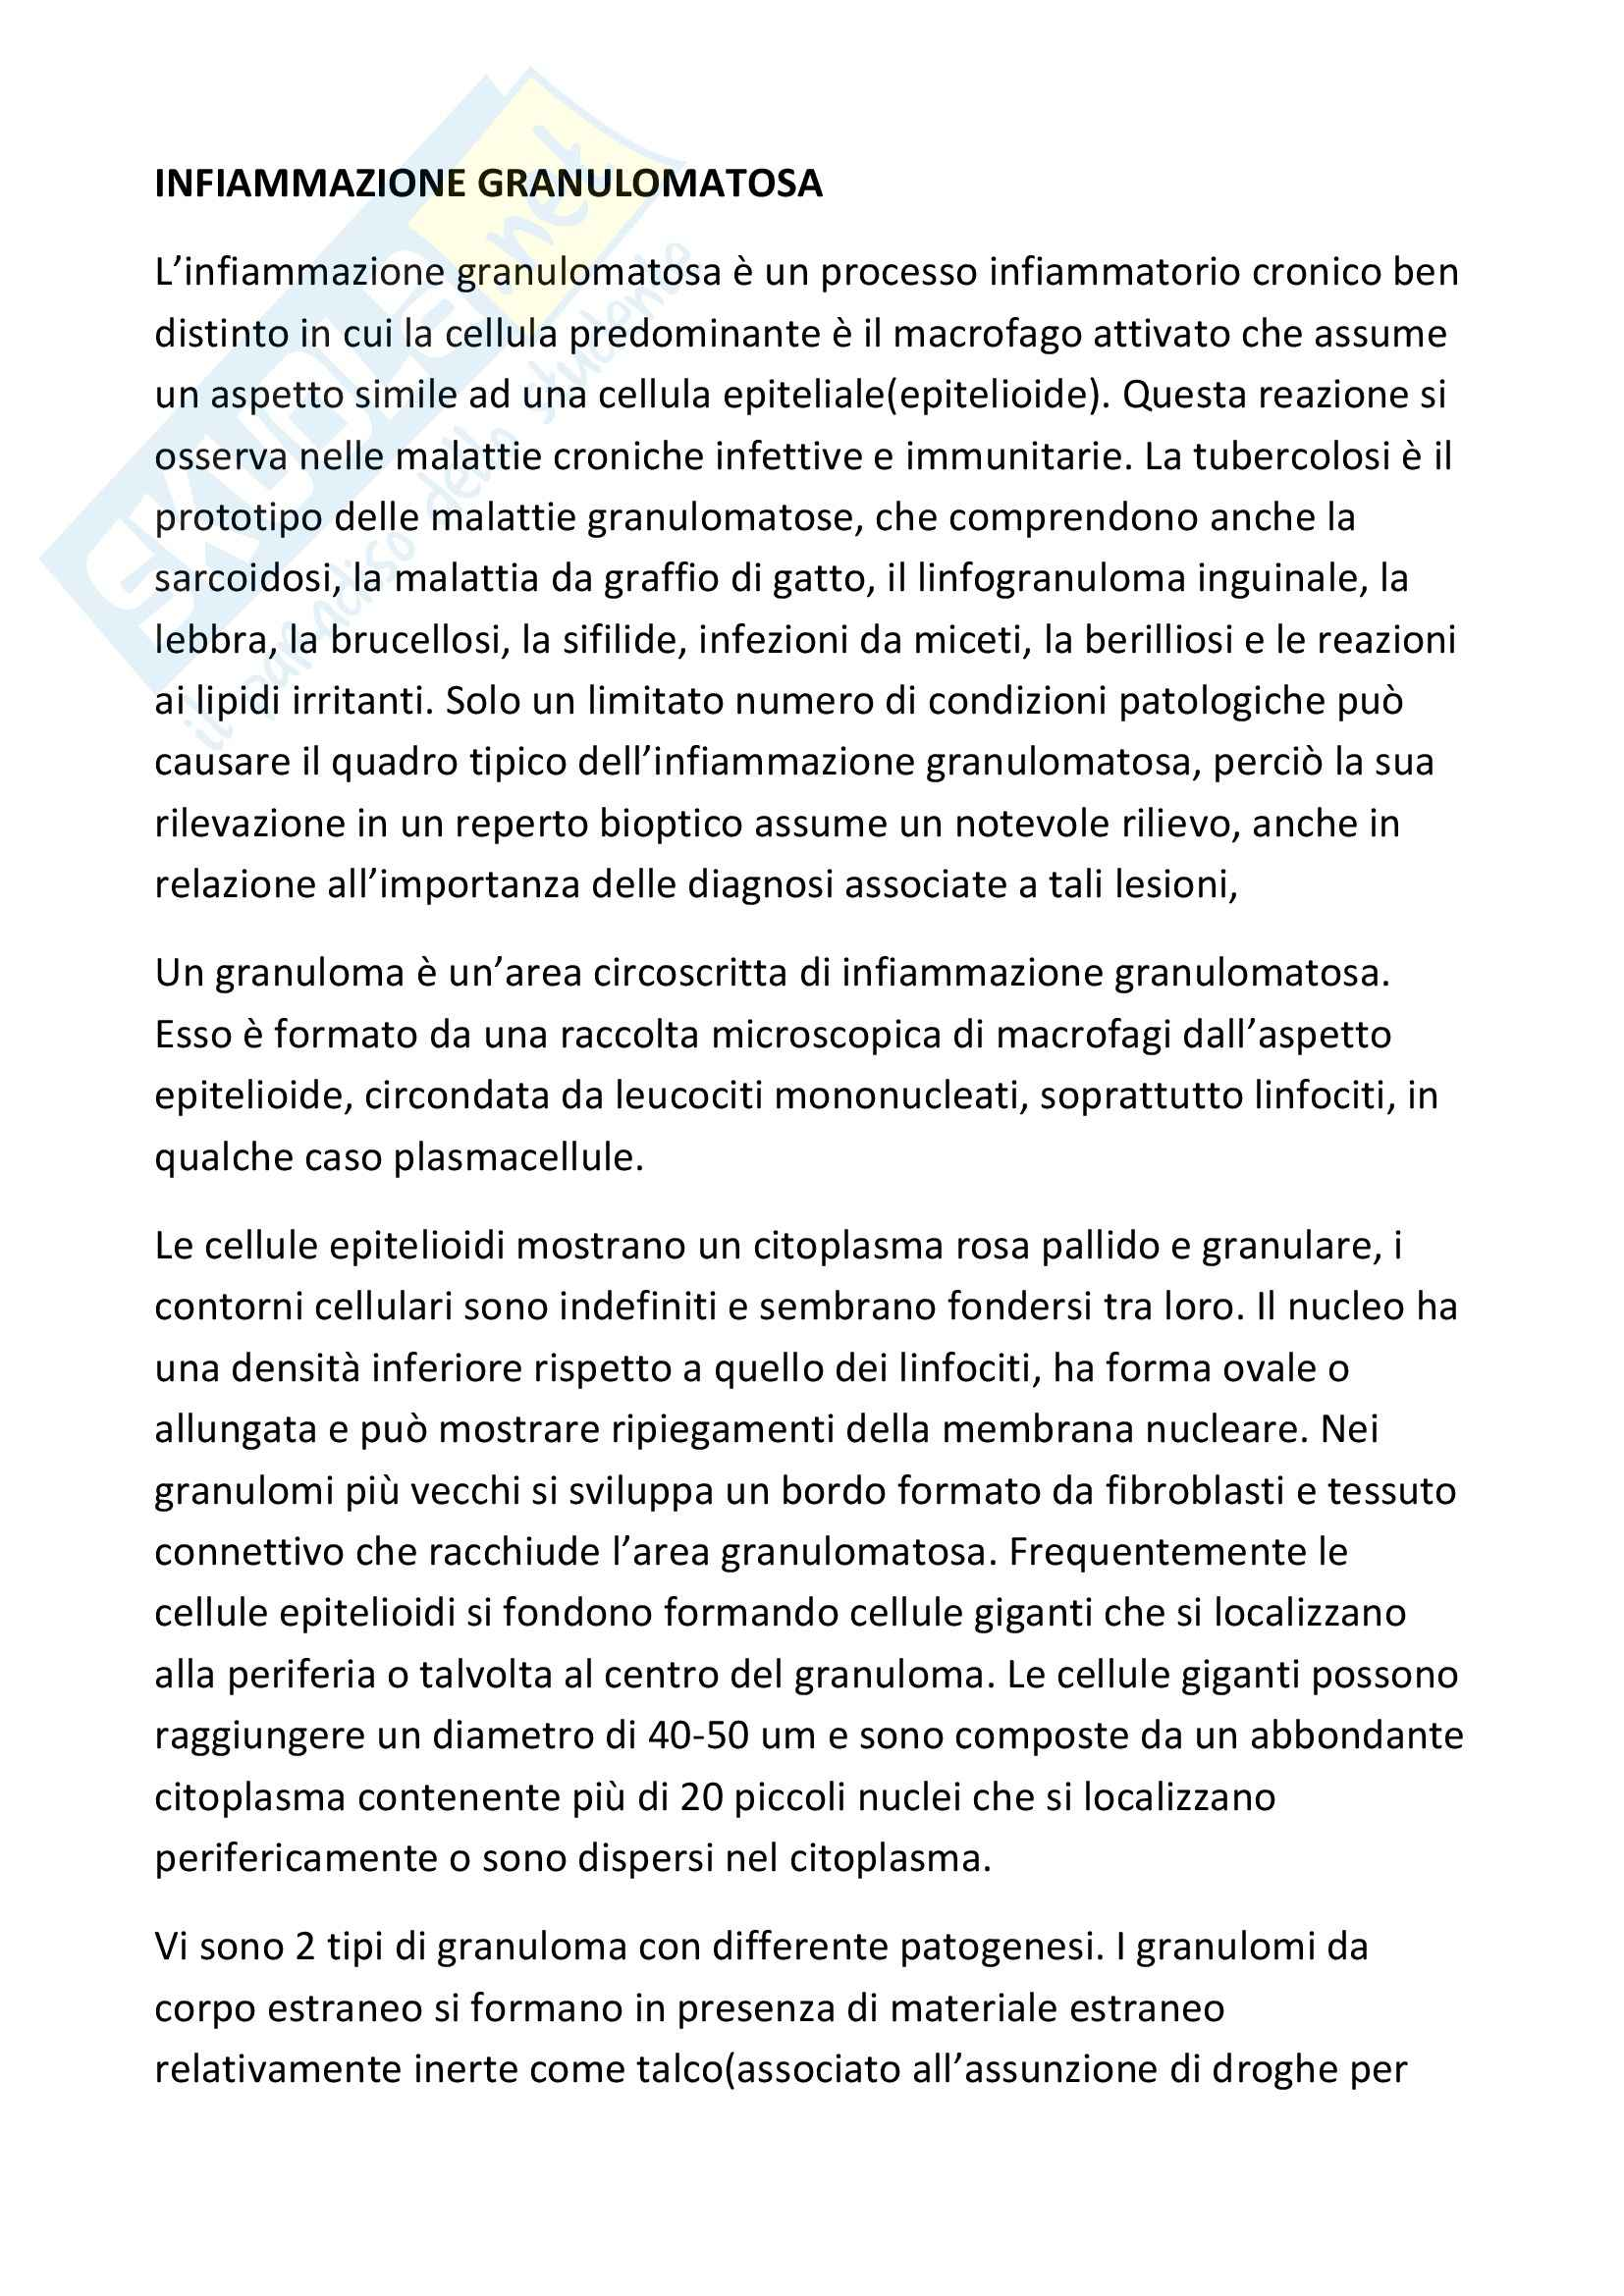 appunto P. Bufo Anatomia patologica